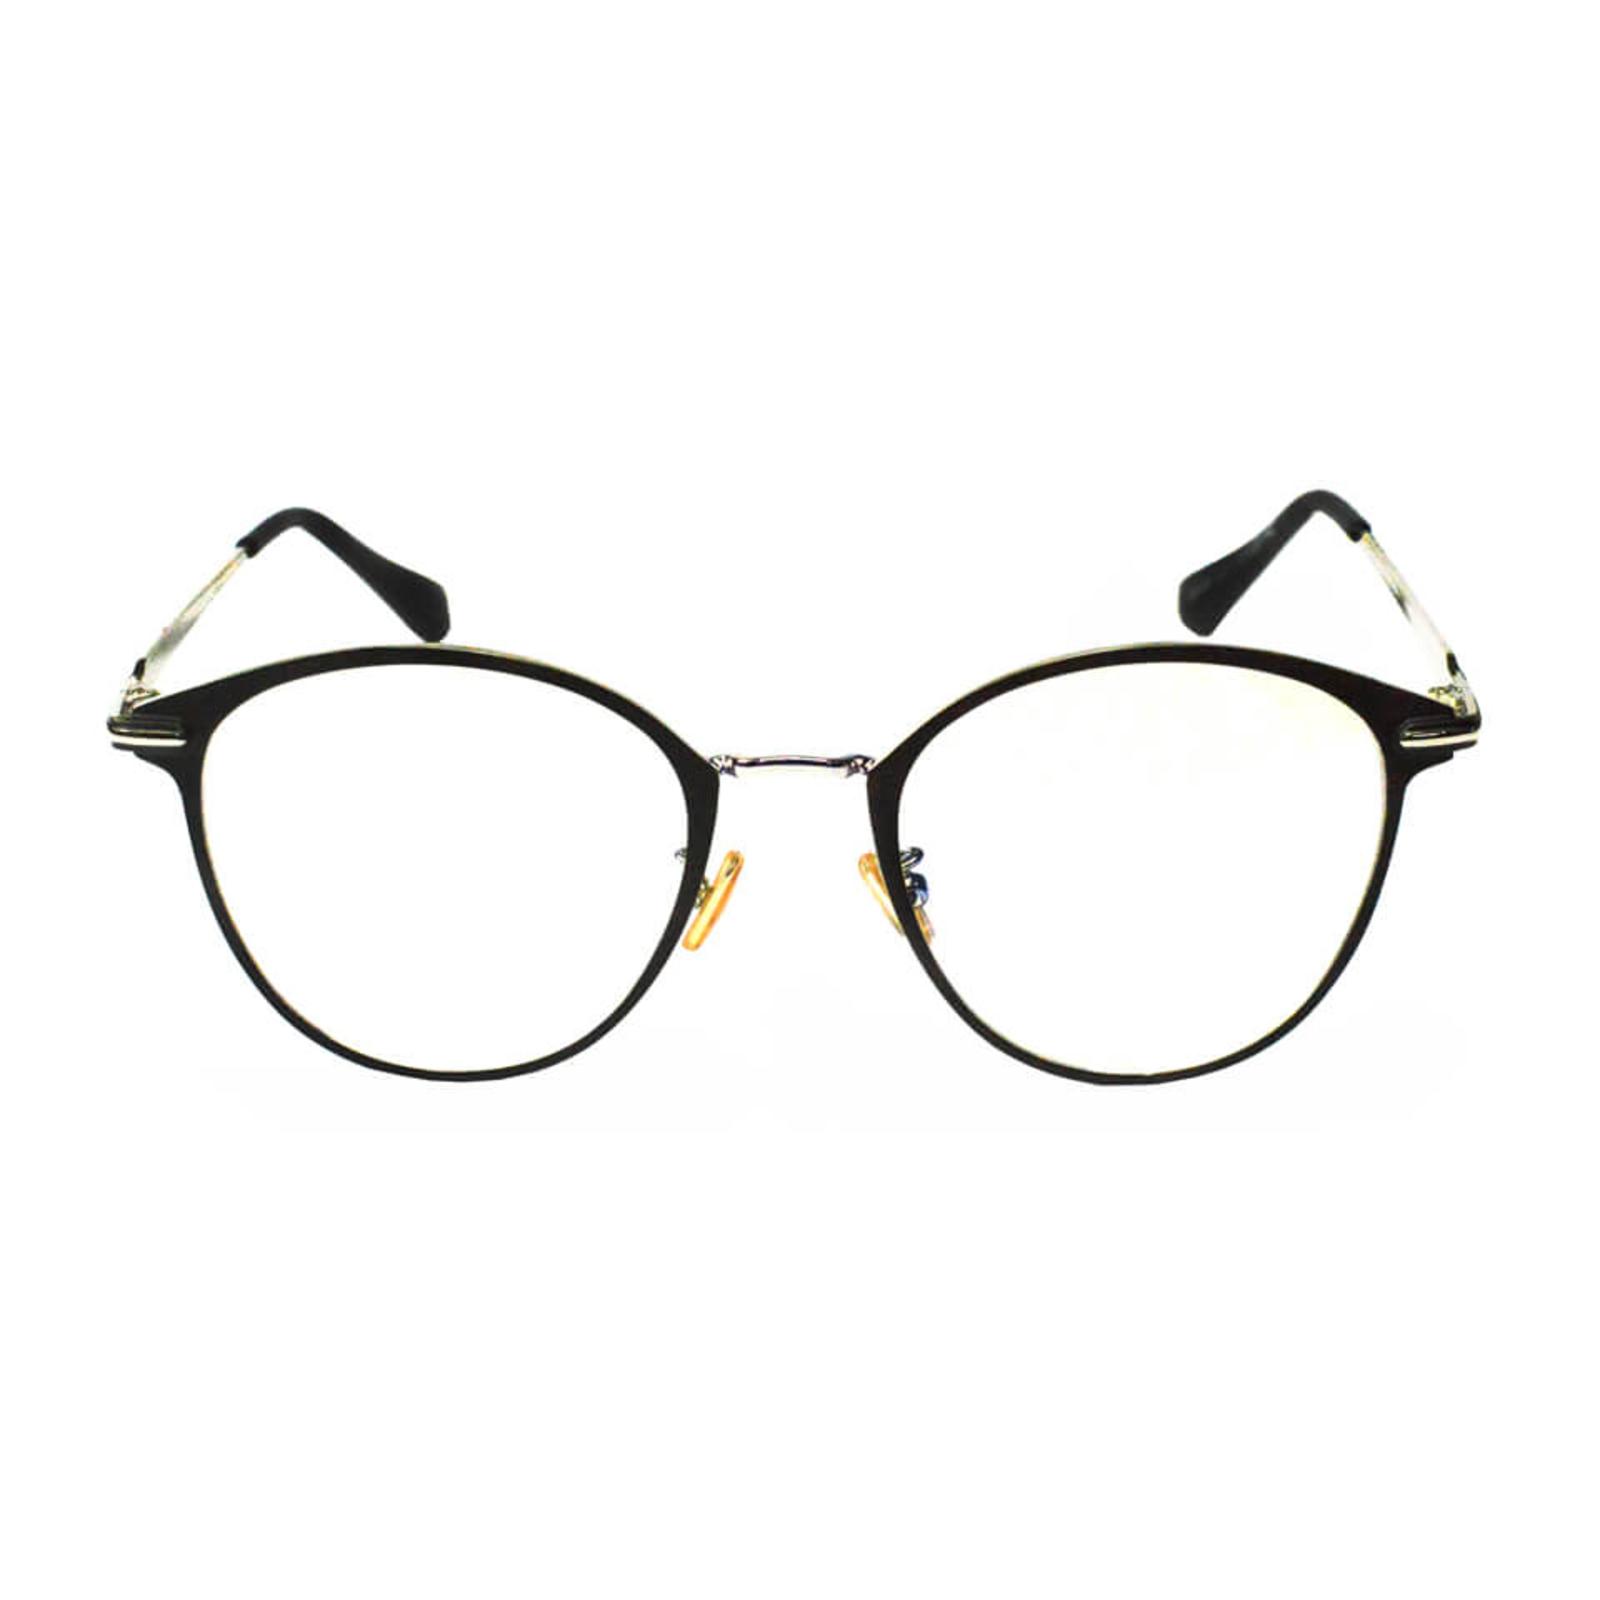 Armacao Oculos Grau Feminino Redondo Retro Original 8038